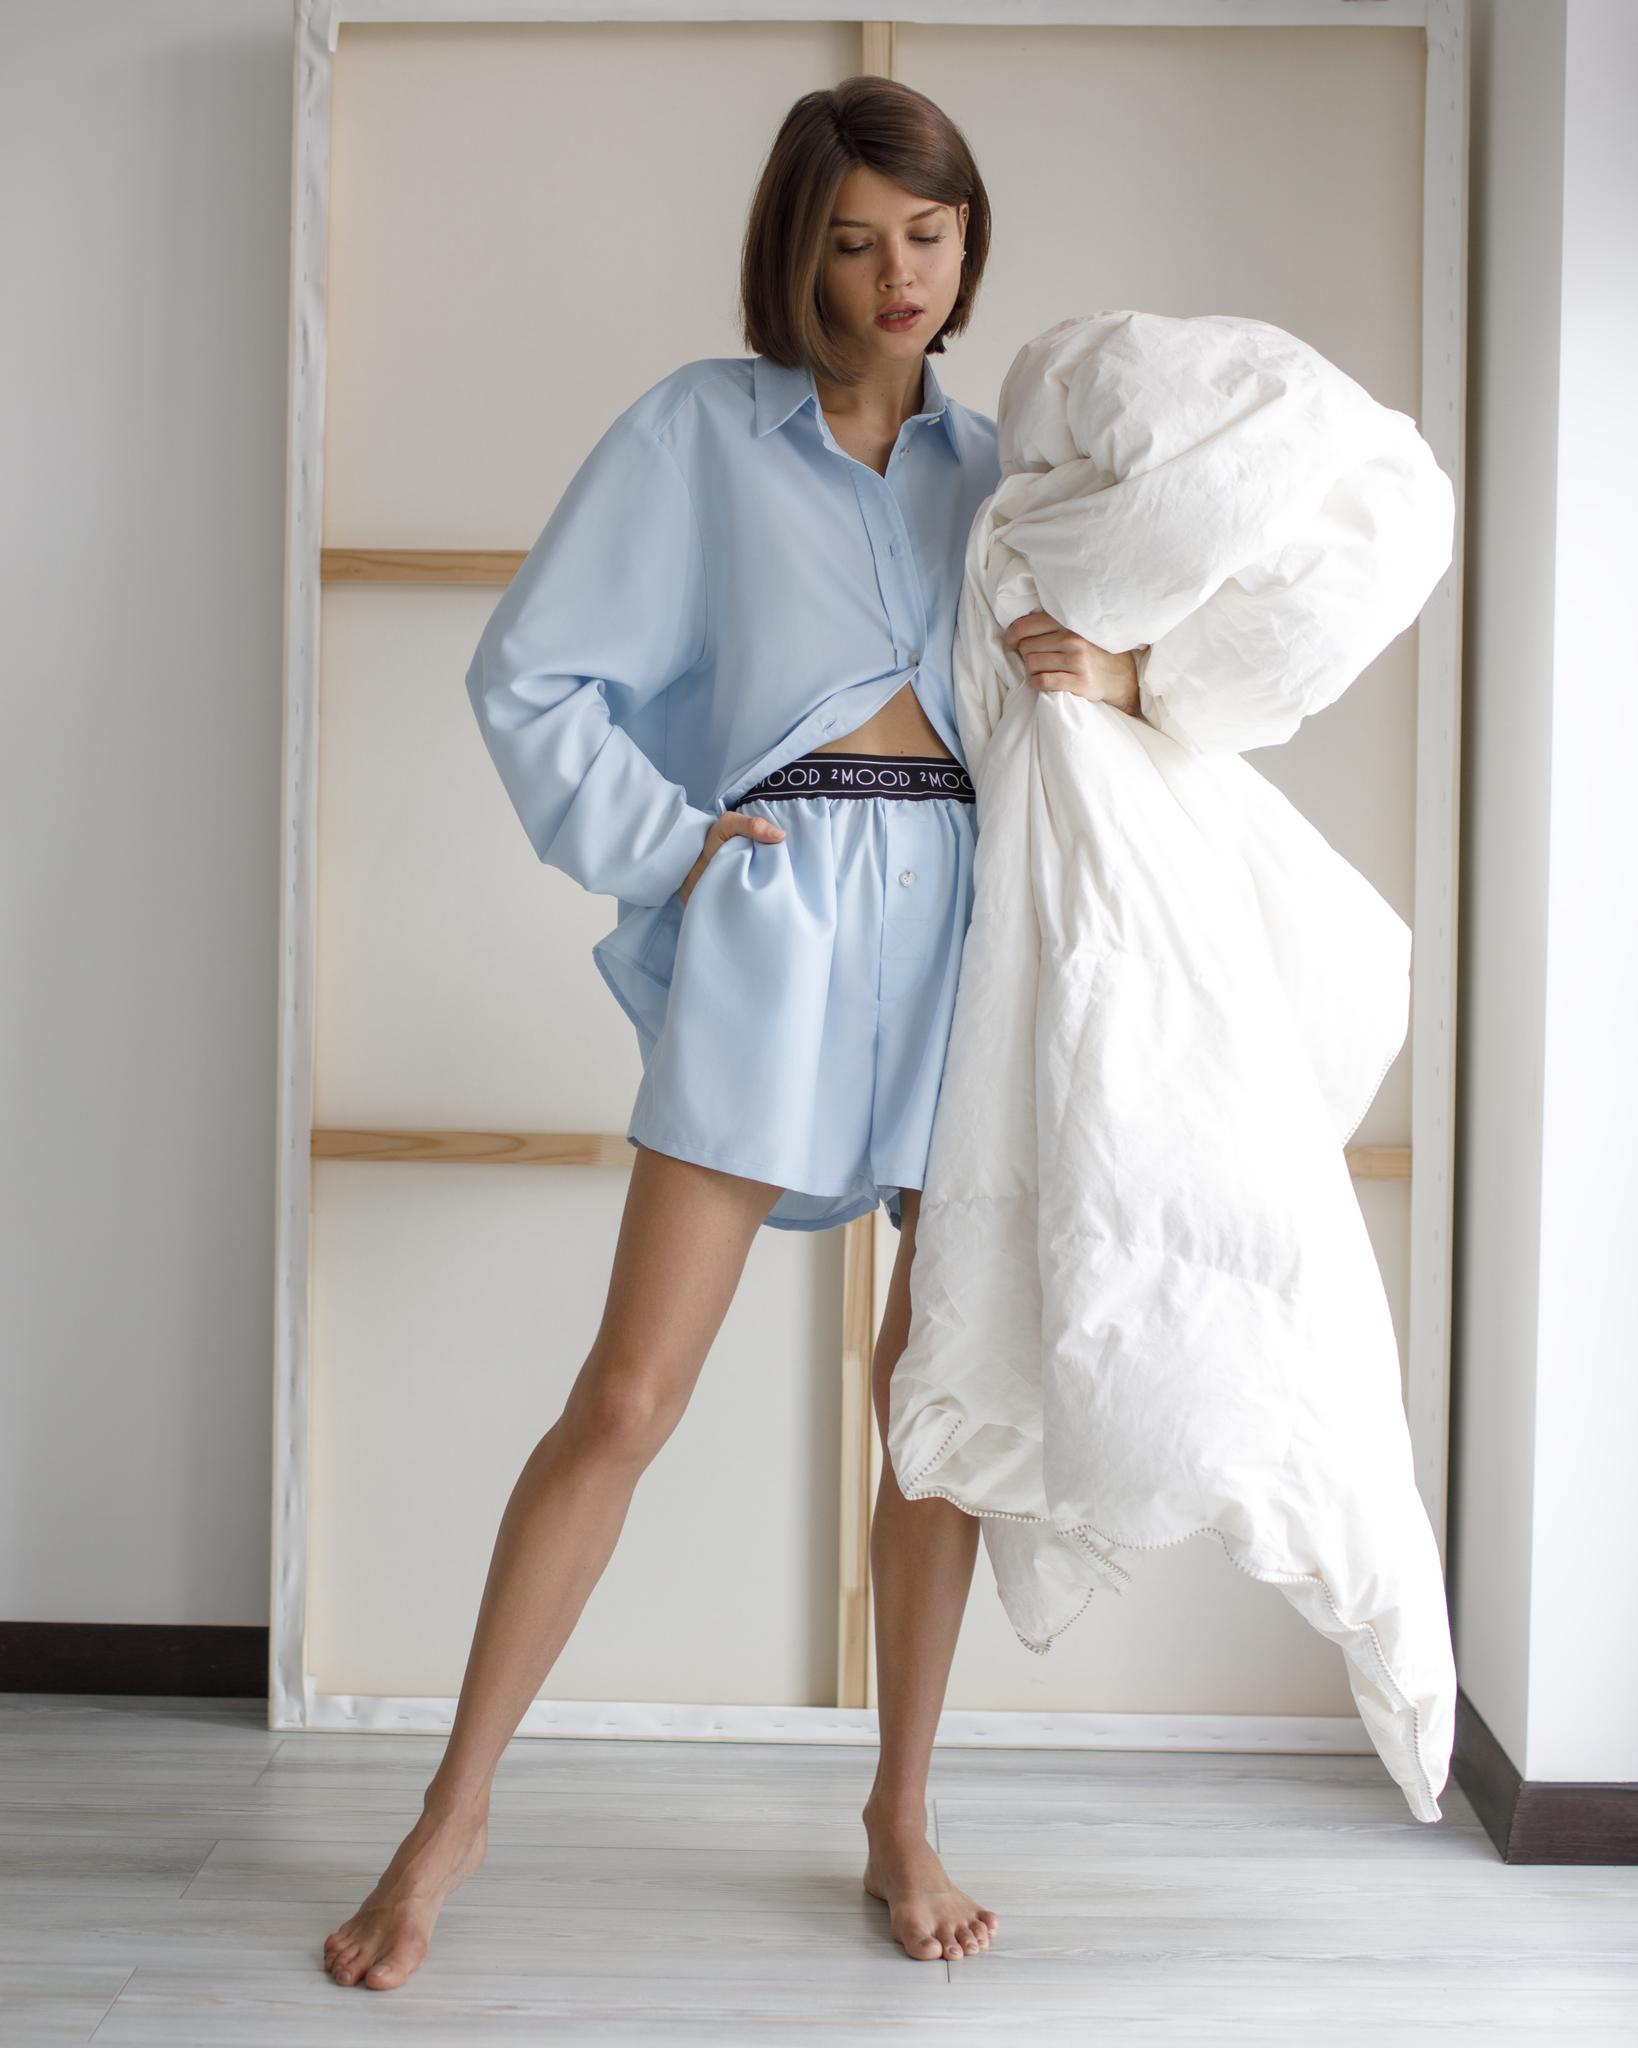 Комплект: рубашка с шортами голубого цвета фото